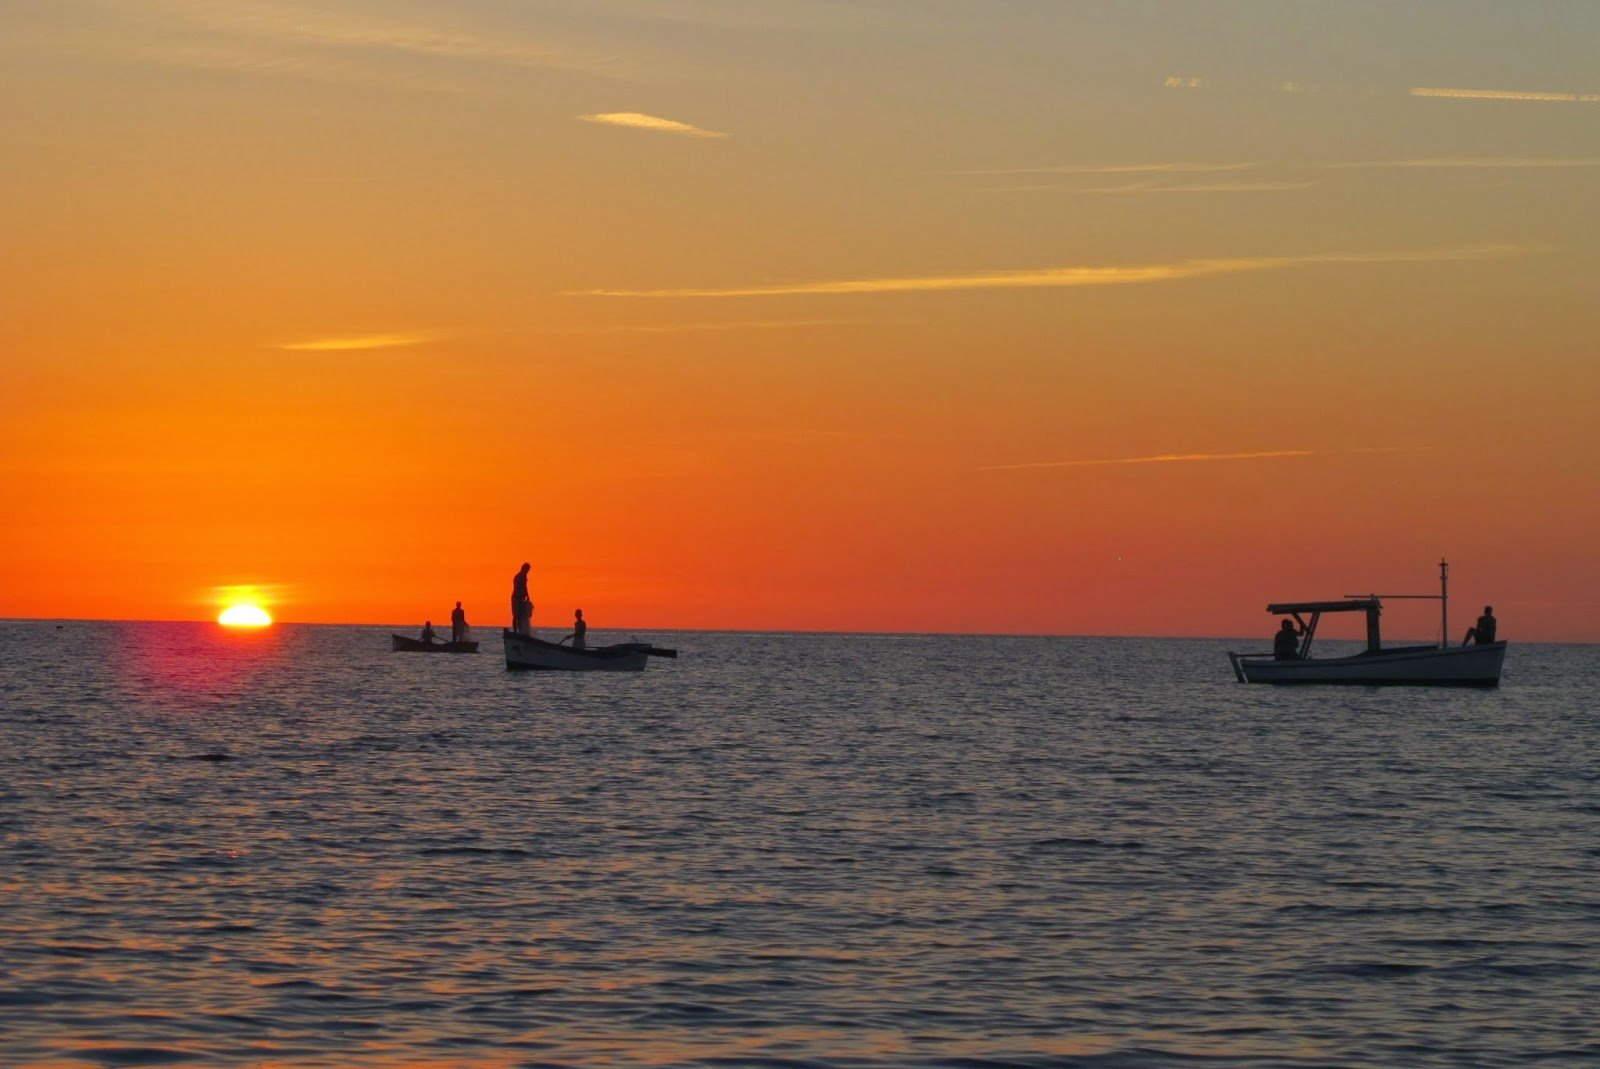 Nativos de Cuba saem para pescar no Mar do Caribe de Cuba, na Península Áncon.